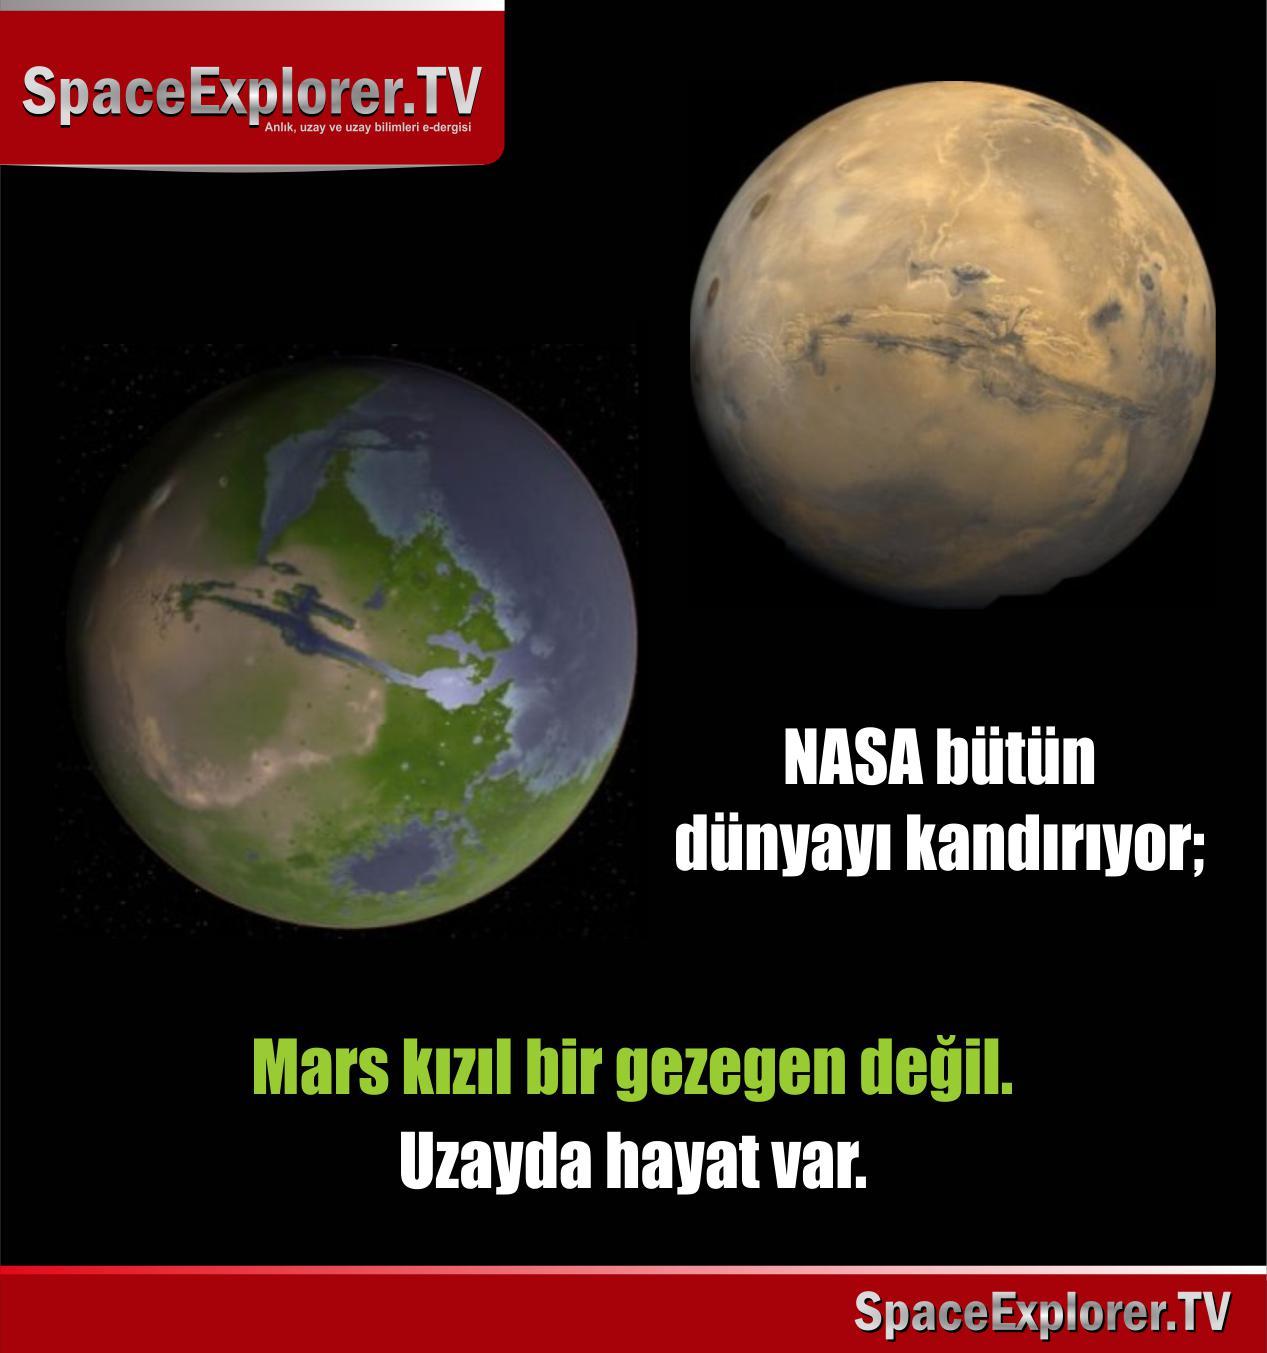 NASA, Mars, Merih, Merih'e nasıl kaçırıldım, Mars kızıl mı?, Mars'ta yaşam var mı, Uzayda hayat var mı?, Mehmet Fahri Sertkaya,